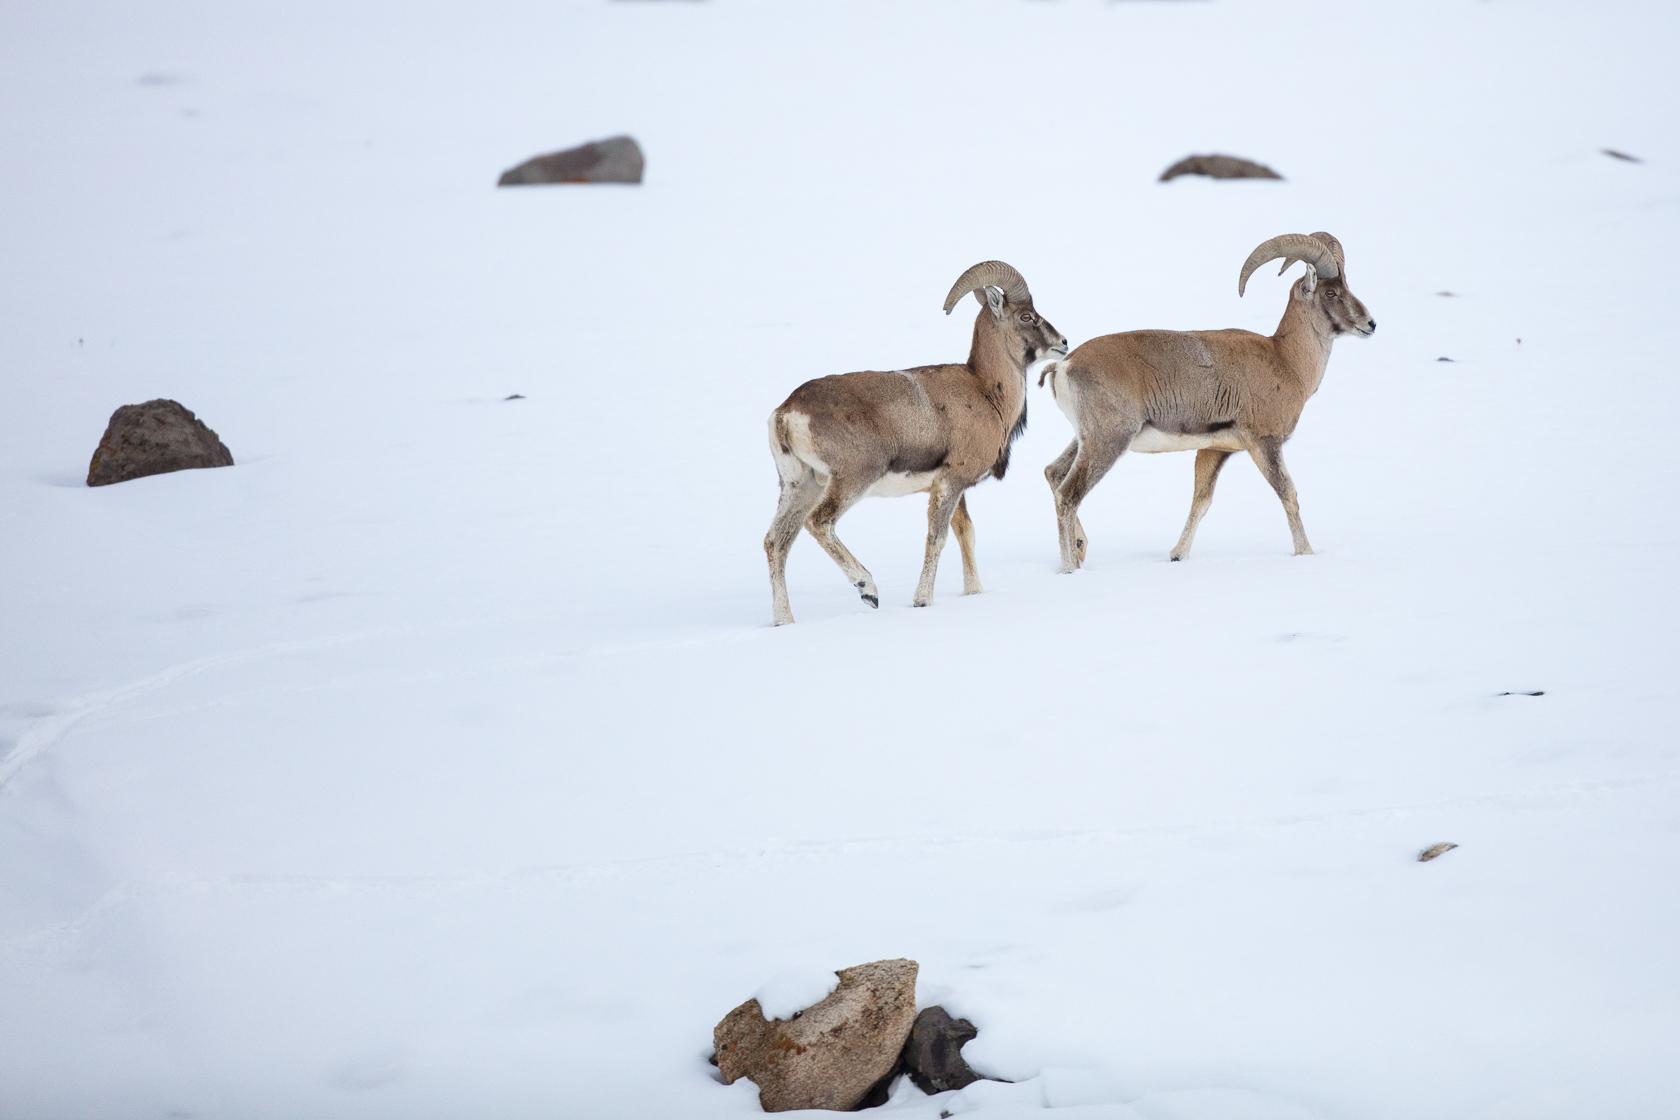 deux males d'urials du Ladakh au Ladakh dans l'Himalaya en Inde